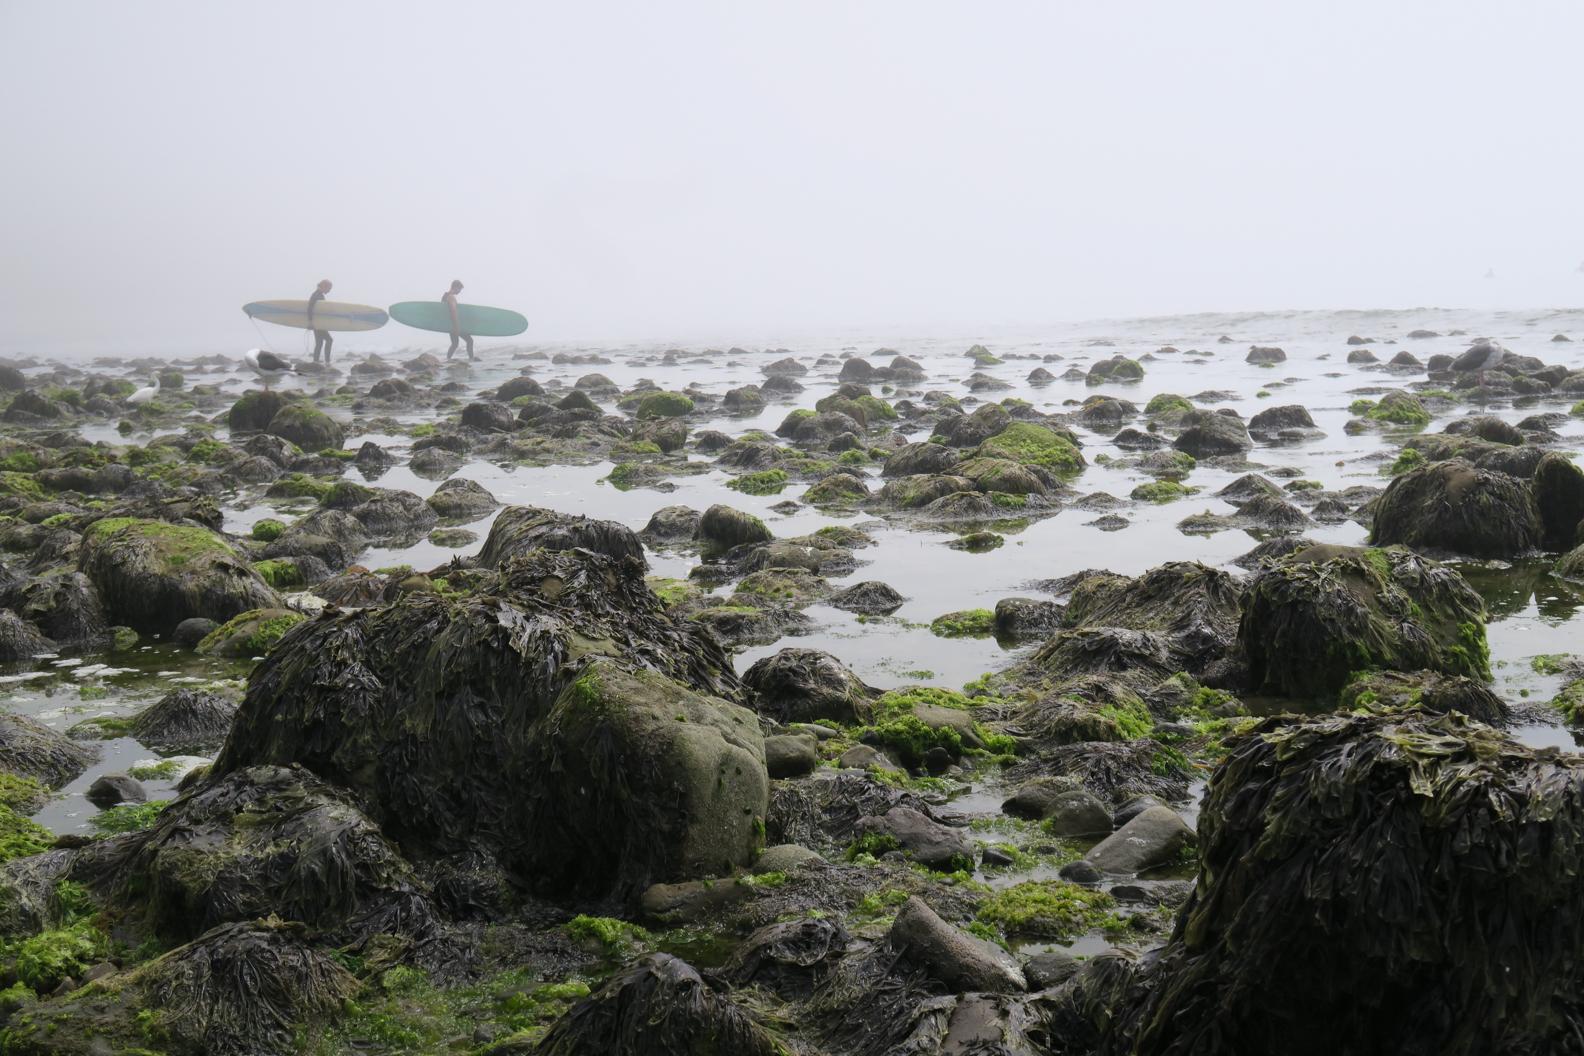 bg-malibu-bfam-2017-6.jpg